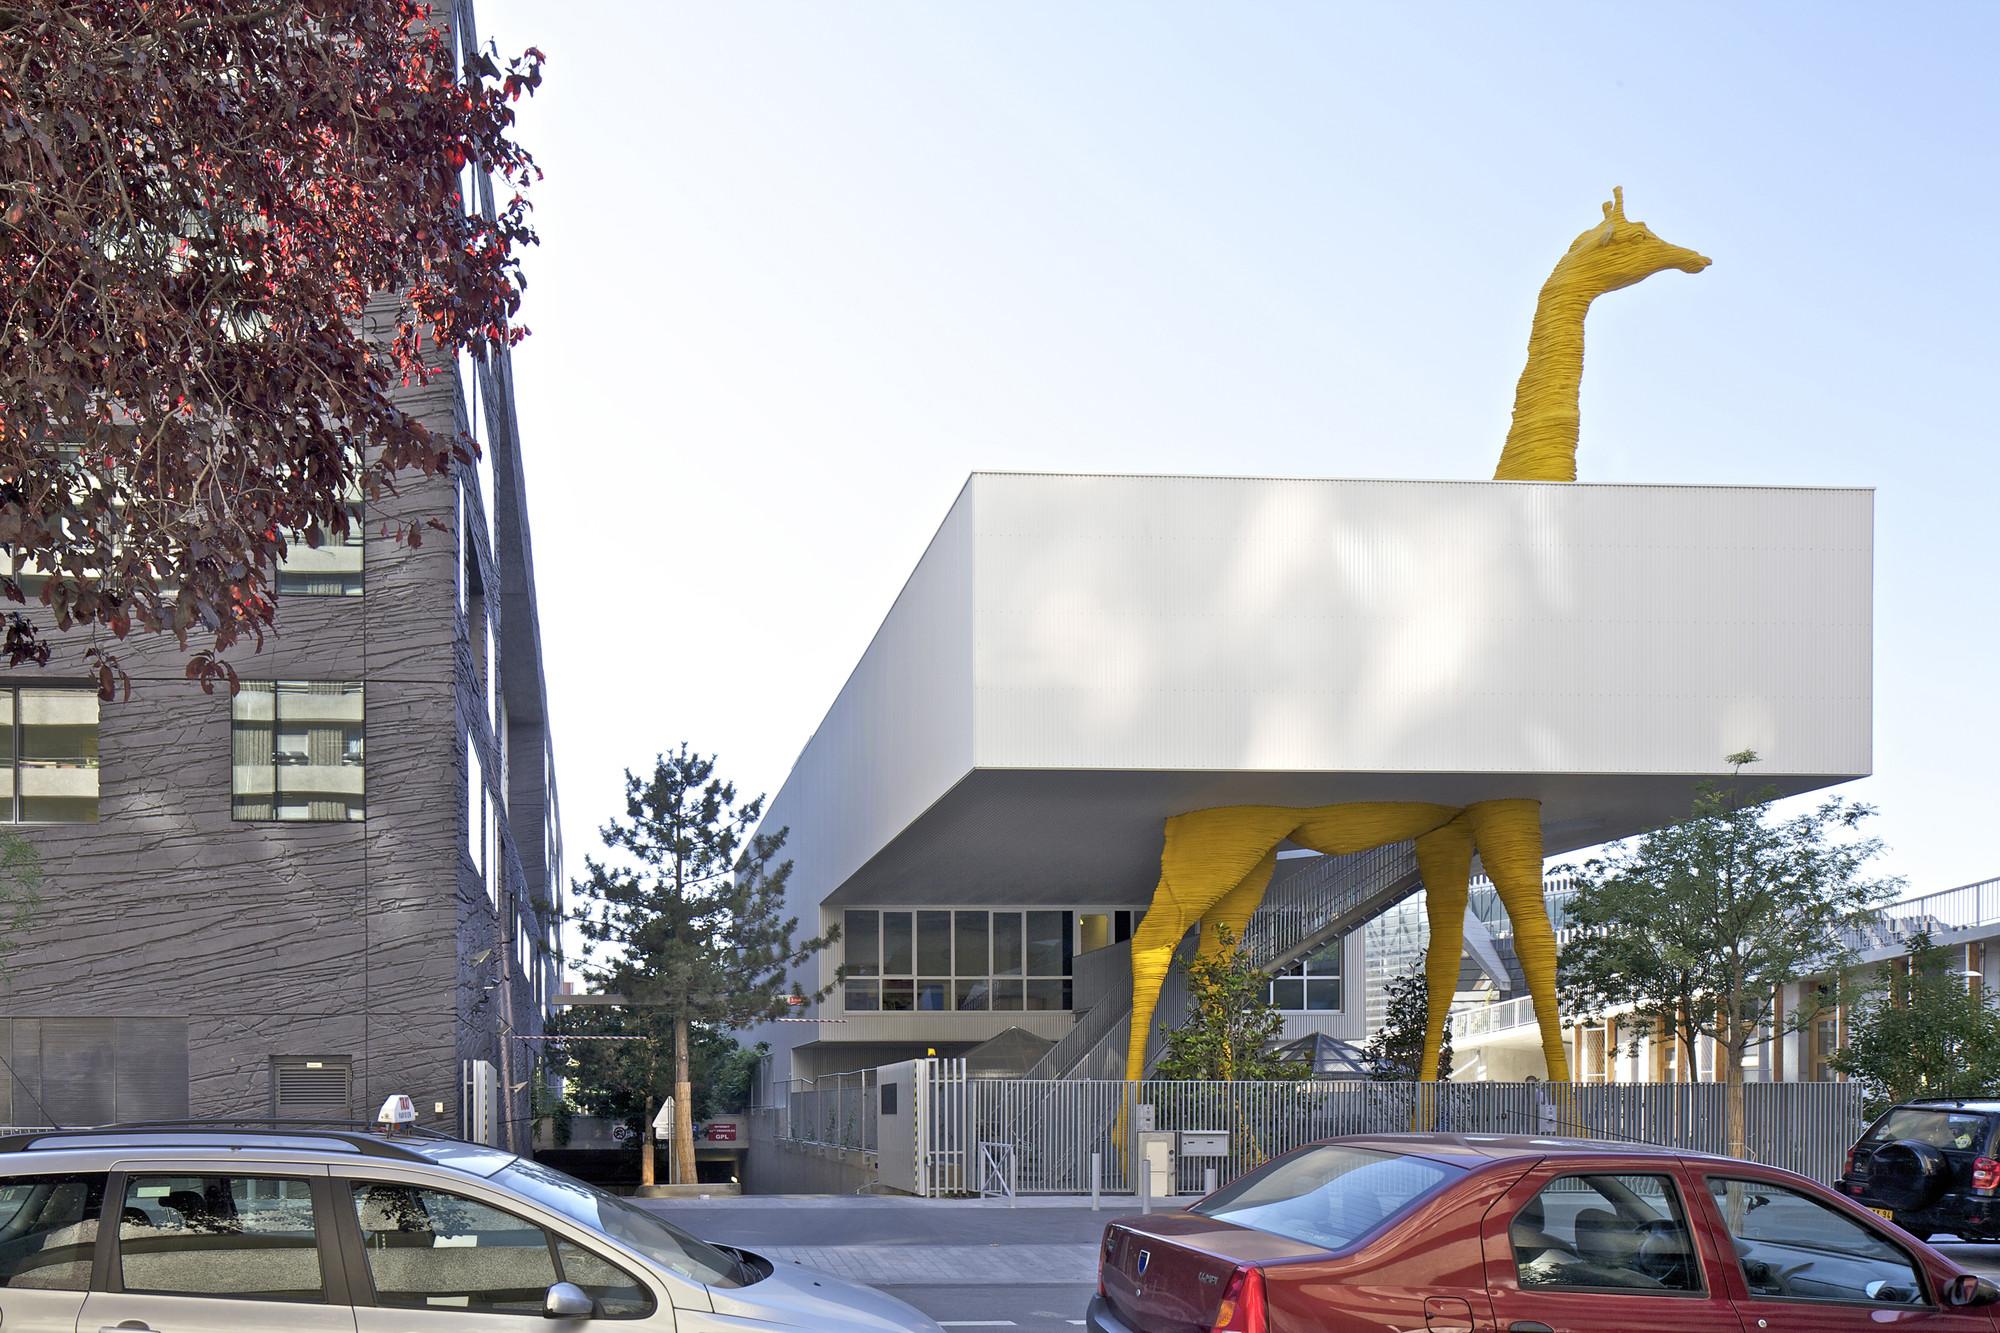 Giraffe childcare center hondelatte laporte architectes for Architecte lattes